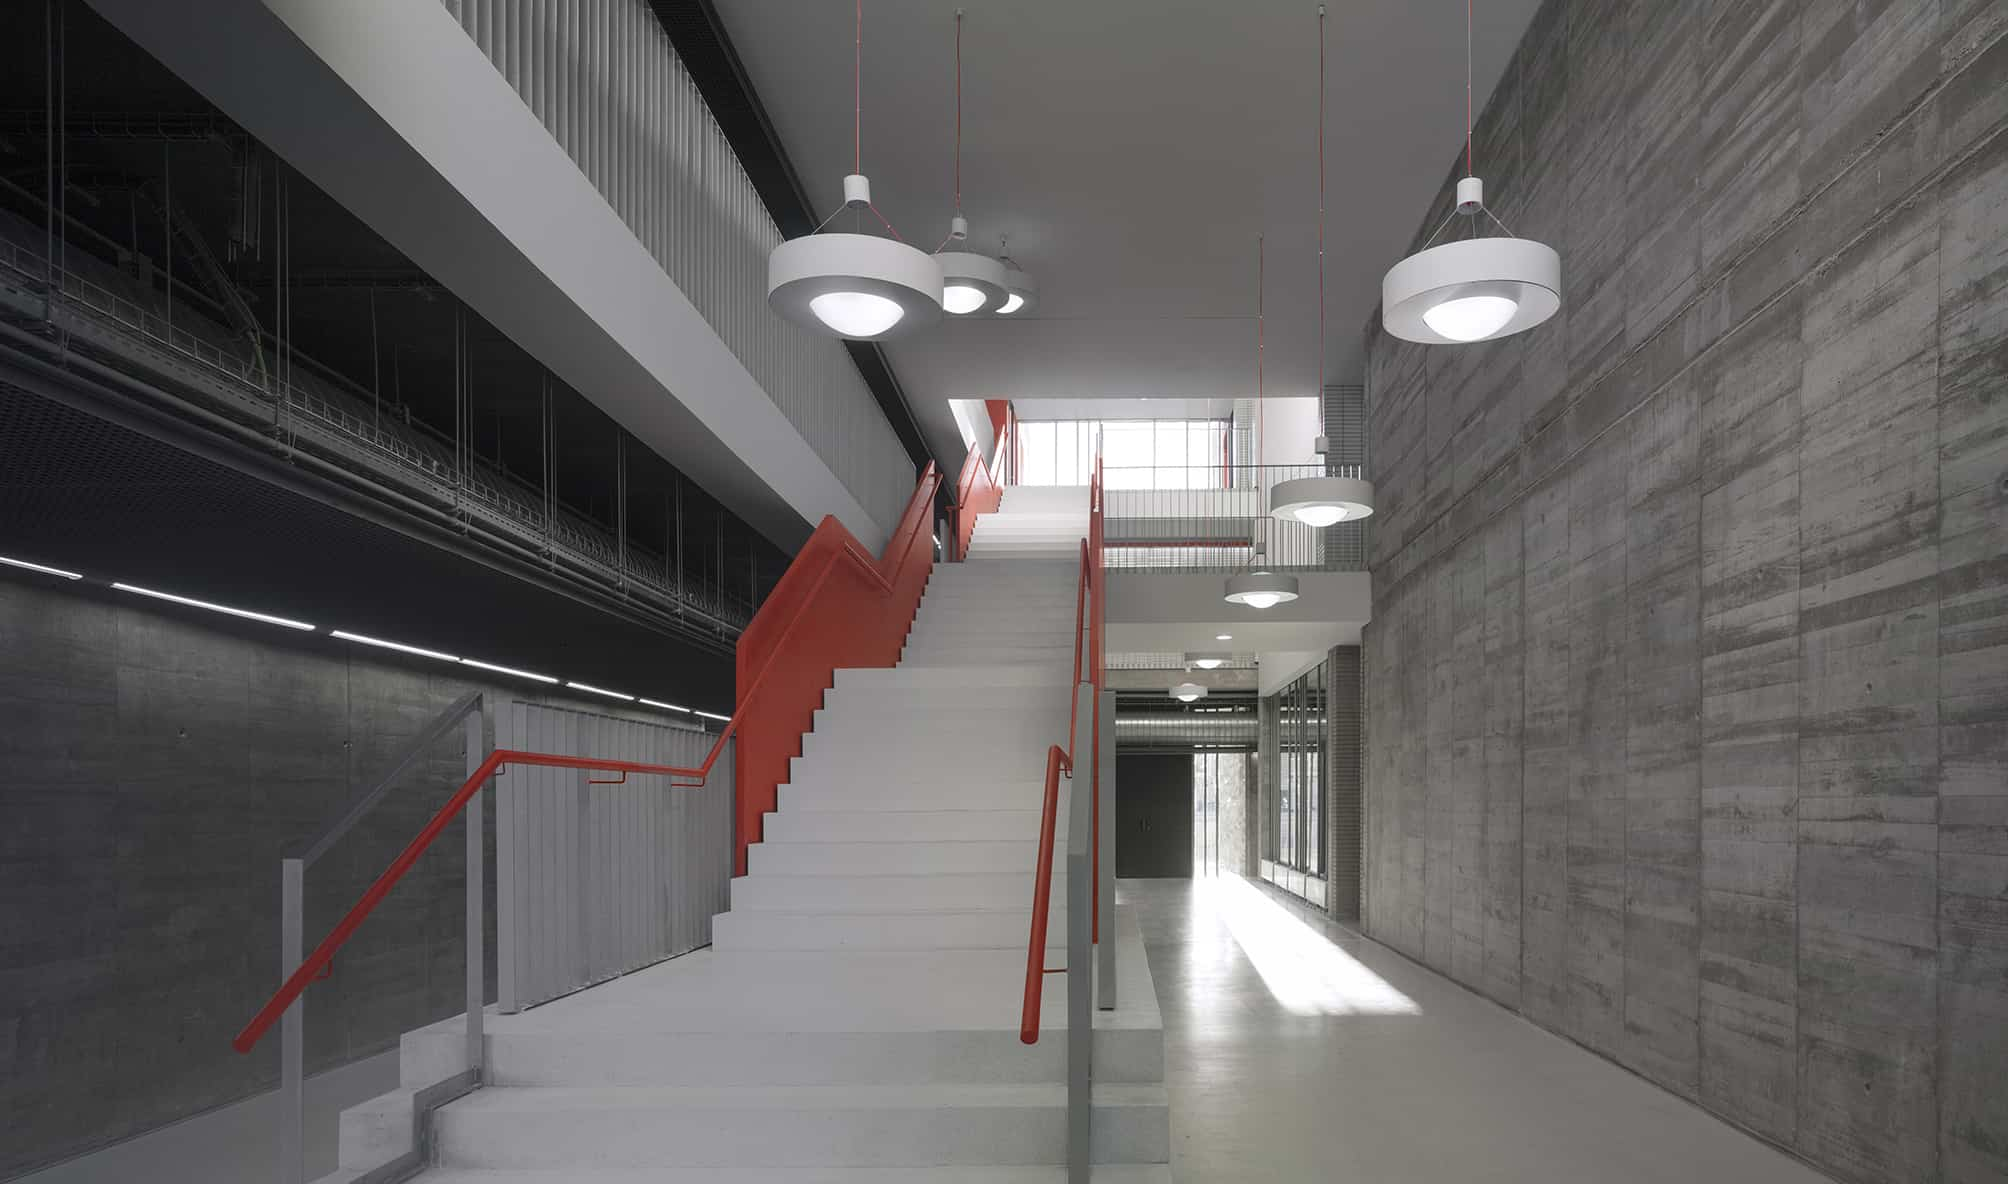 Ies coria landinez rey equipo l2g arquitectos slp - Arquitectura de interiores madrid ...